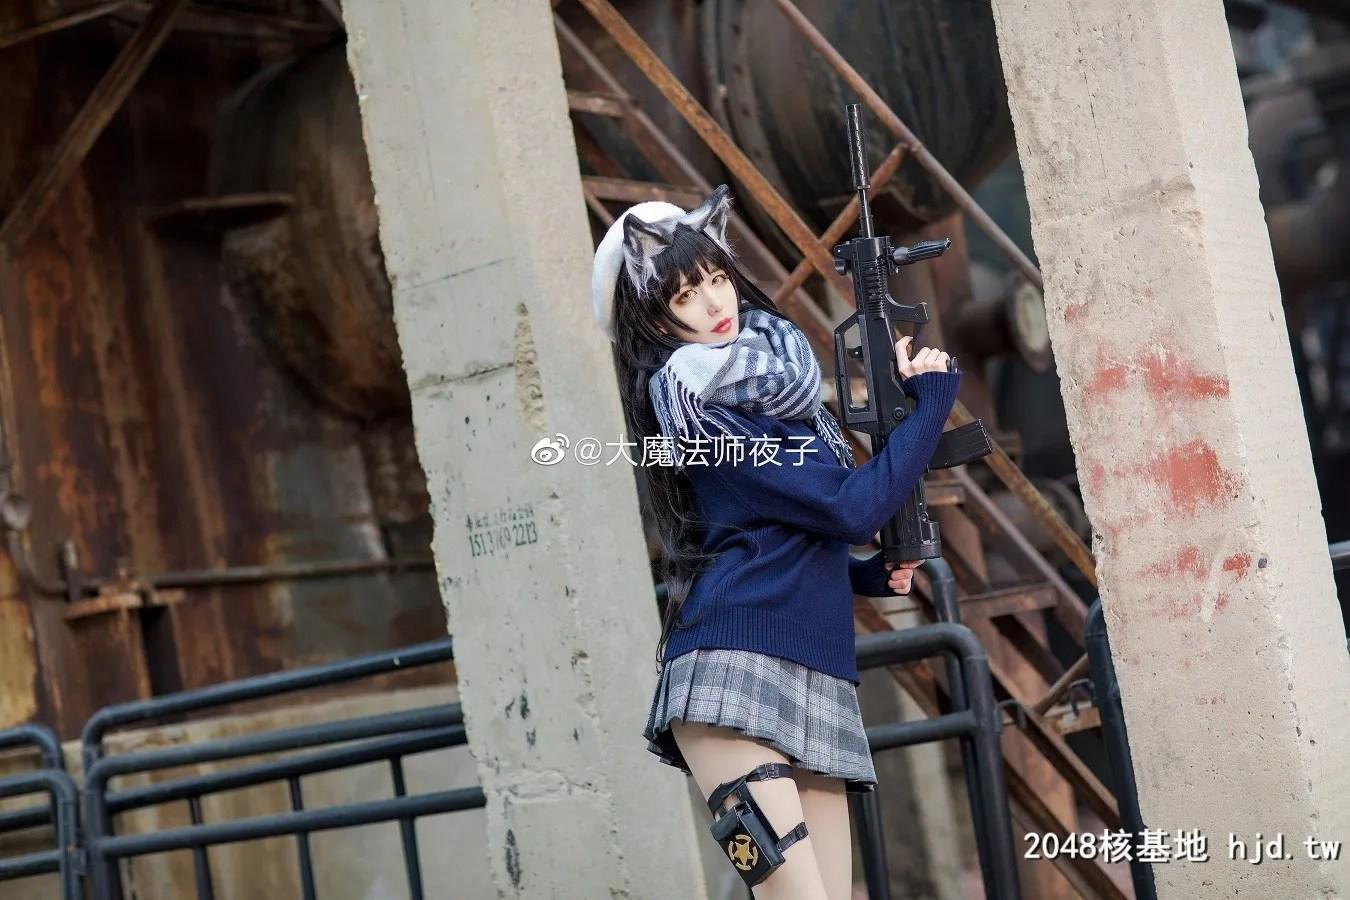 少女前线95式 纯白毕业祭@大魔法师夜子 (10P)插图(8)